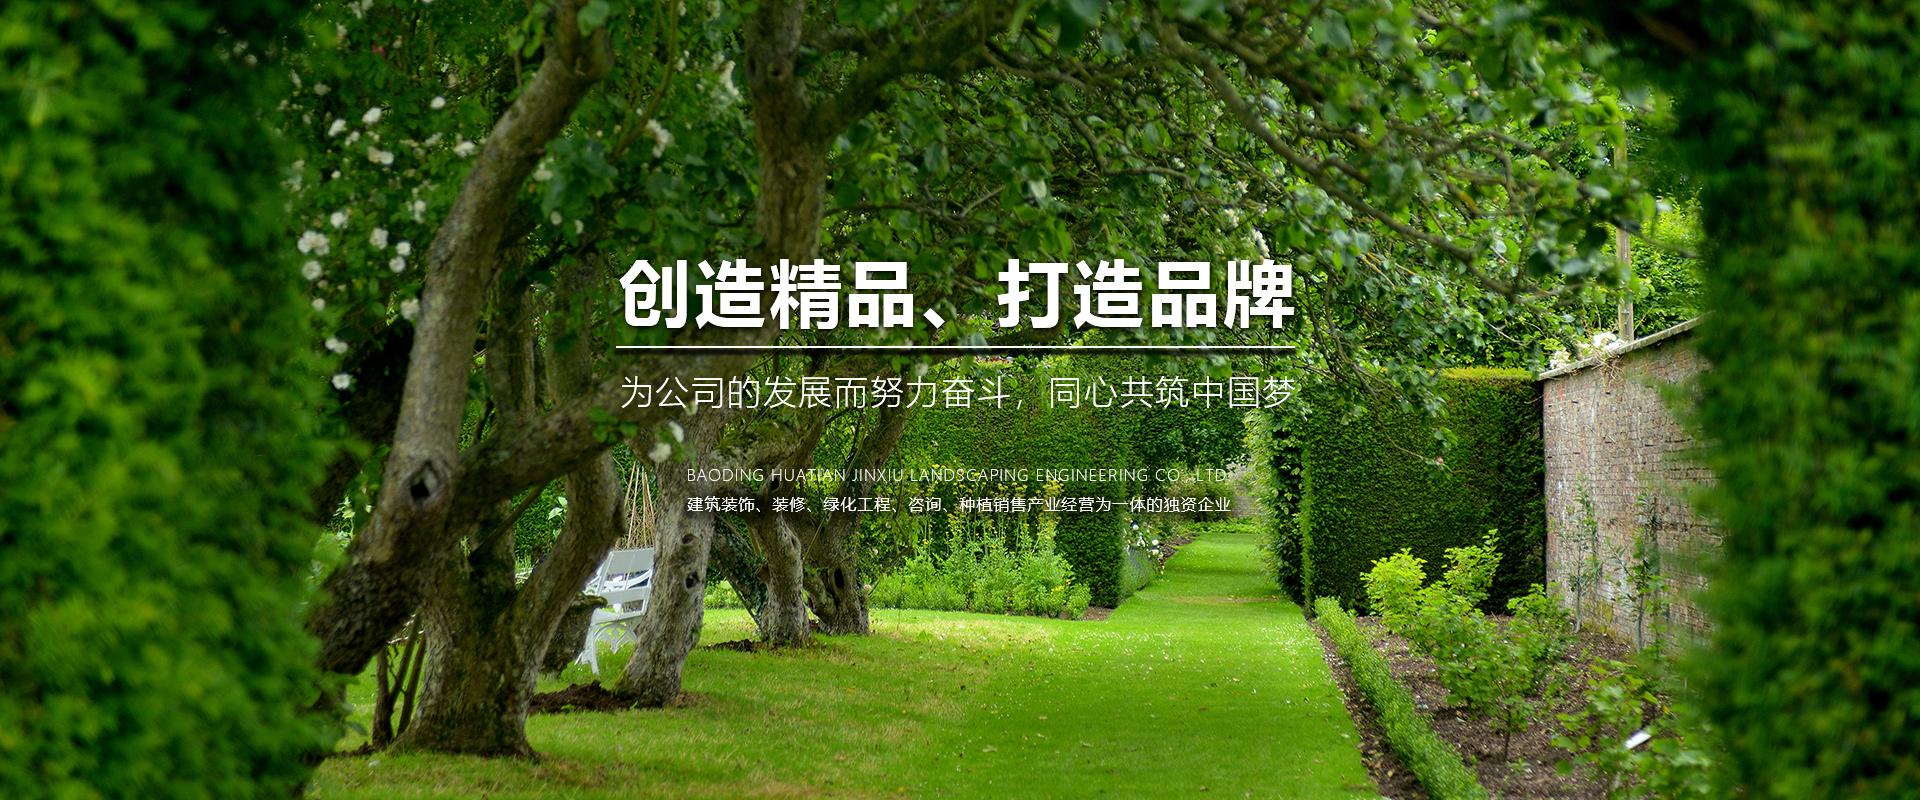 保定華天錦繡園林綠化工程有限公司